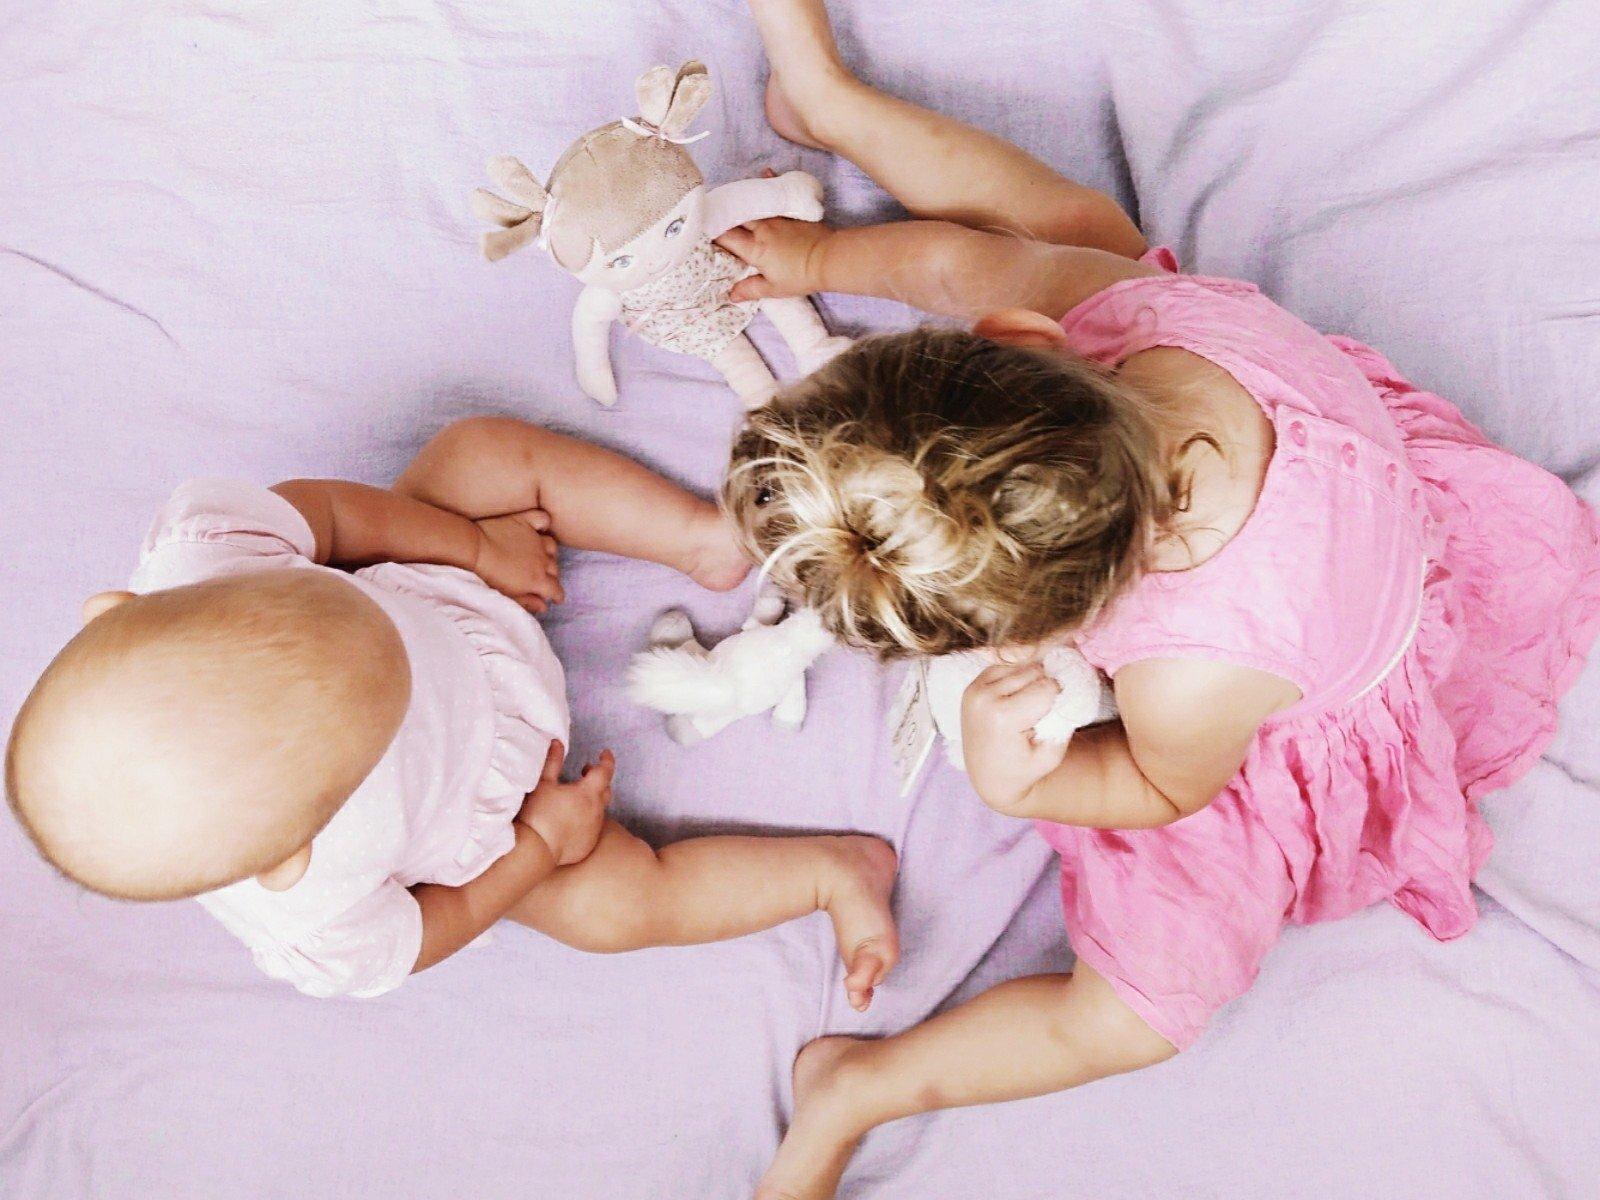 Kann man das zweite Kind lieben wie das erste? – von Ängsten in der Schwangerschaft mit zweitem Kind